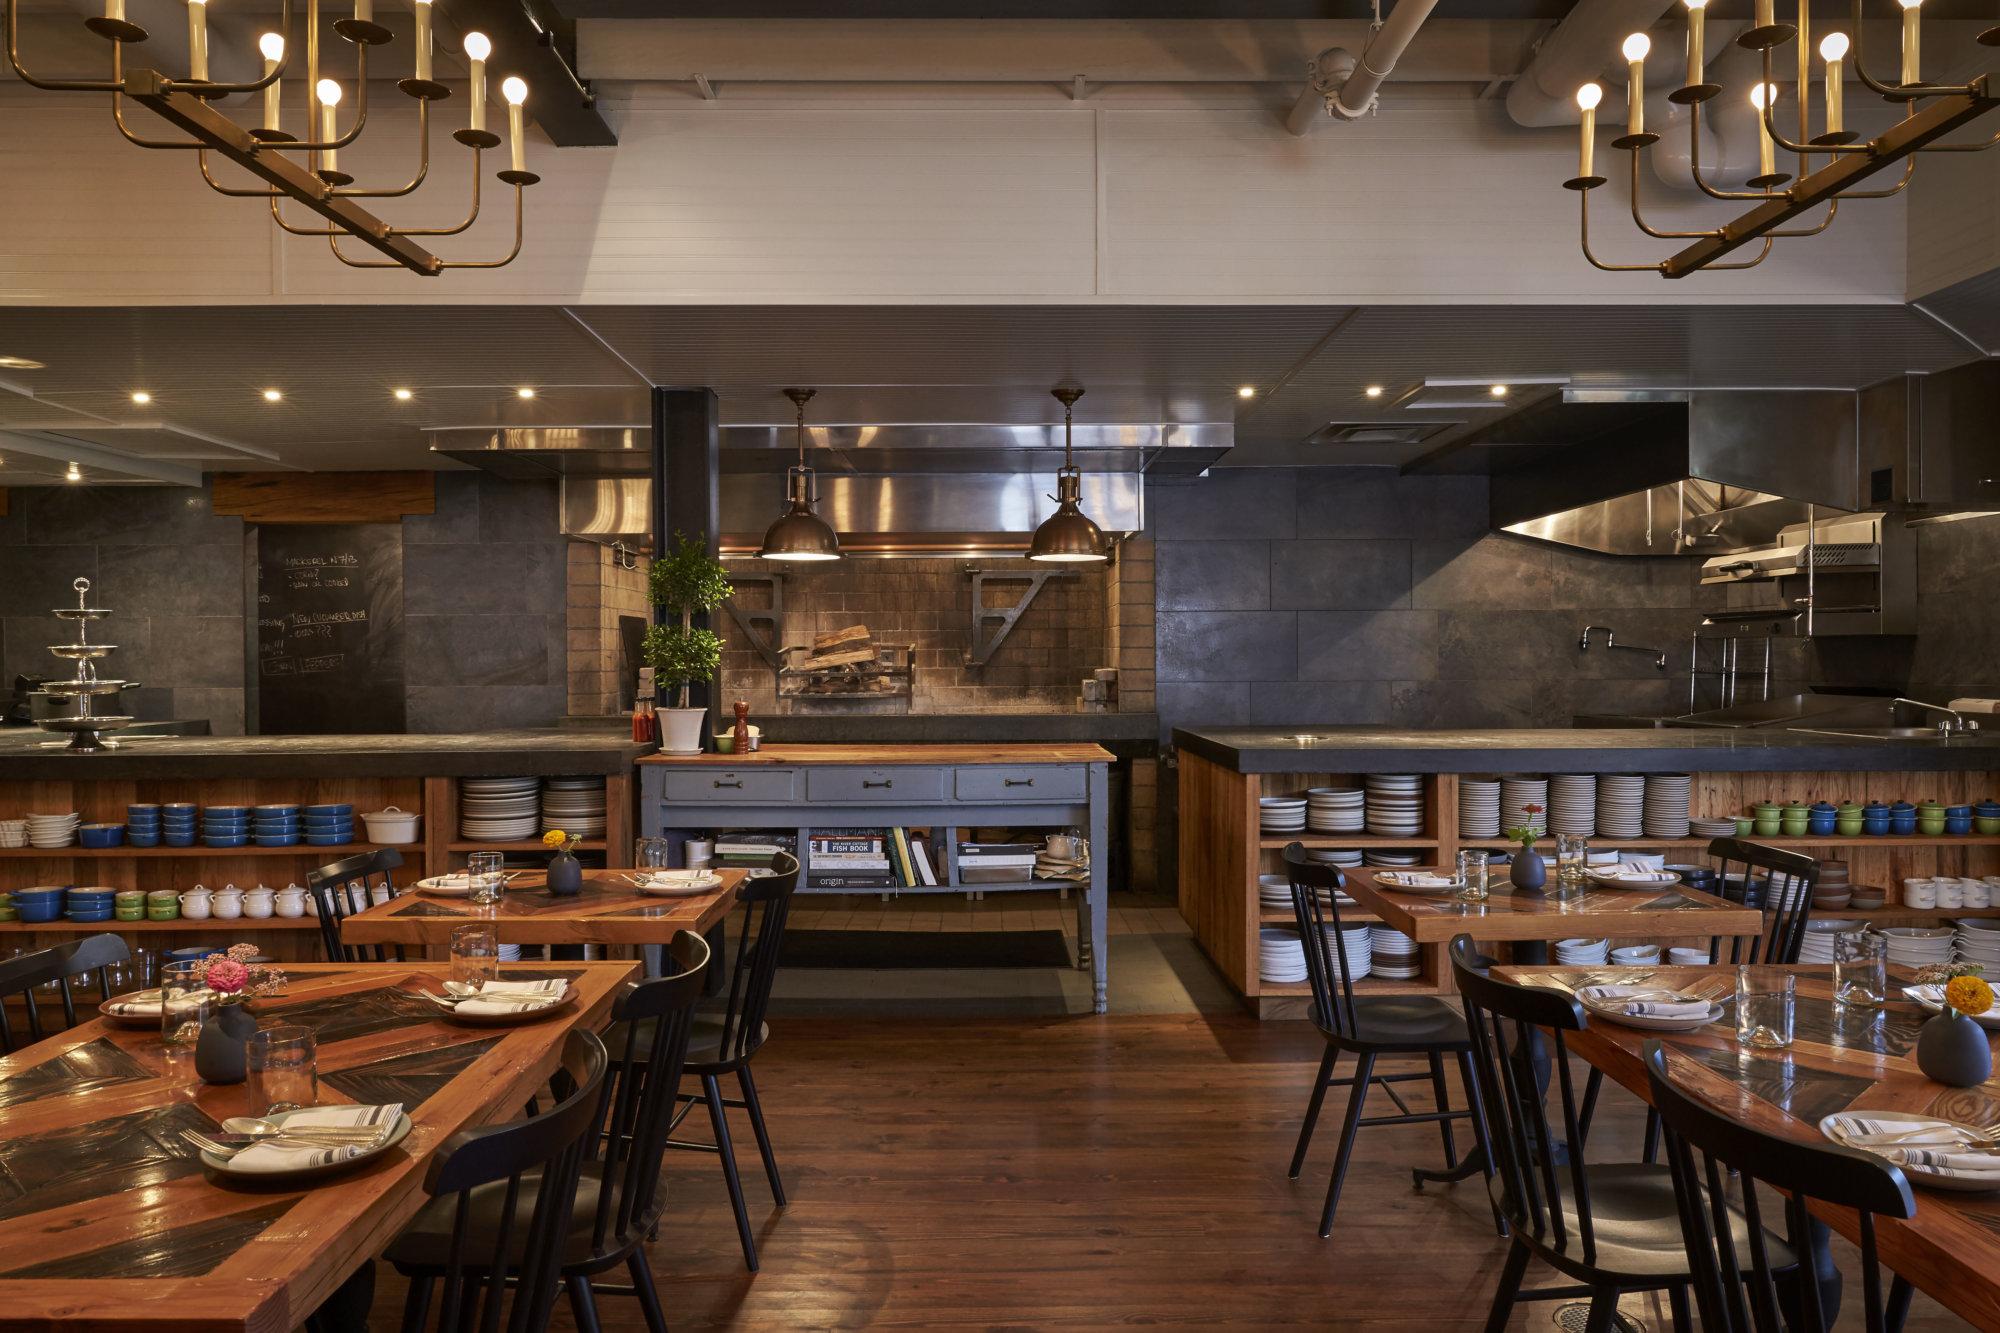 Pizza Peking Duck Prix Fixe Menus Best Places To Eat In